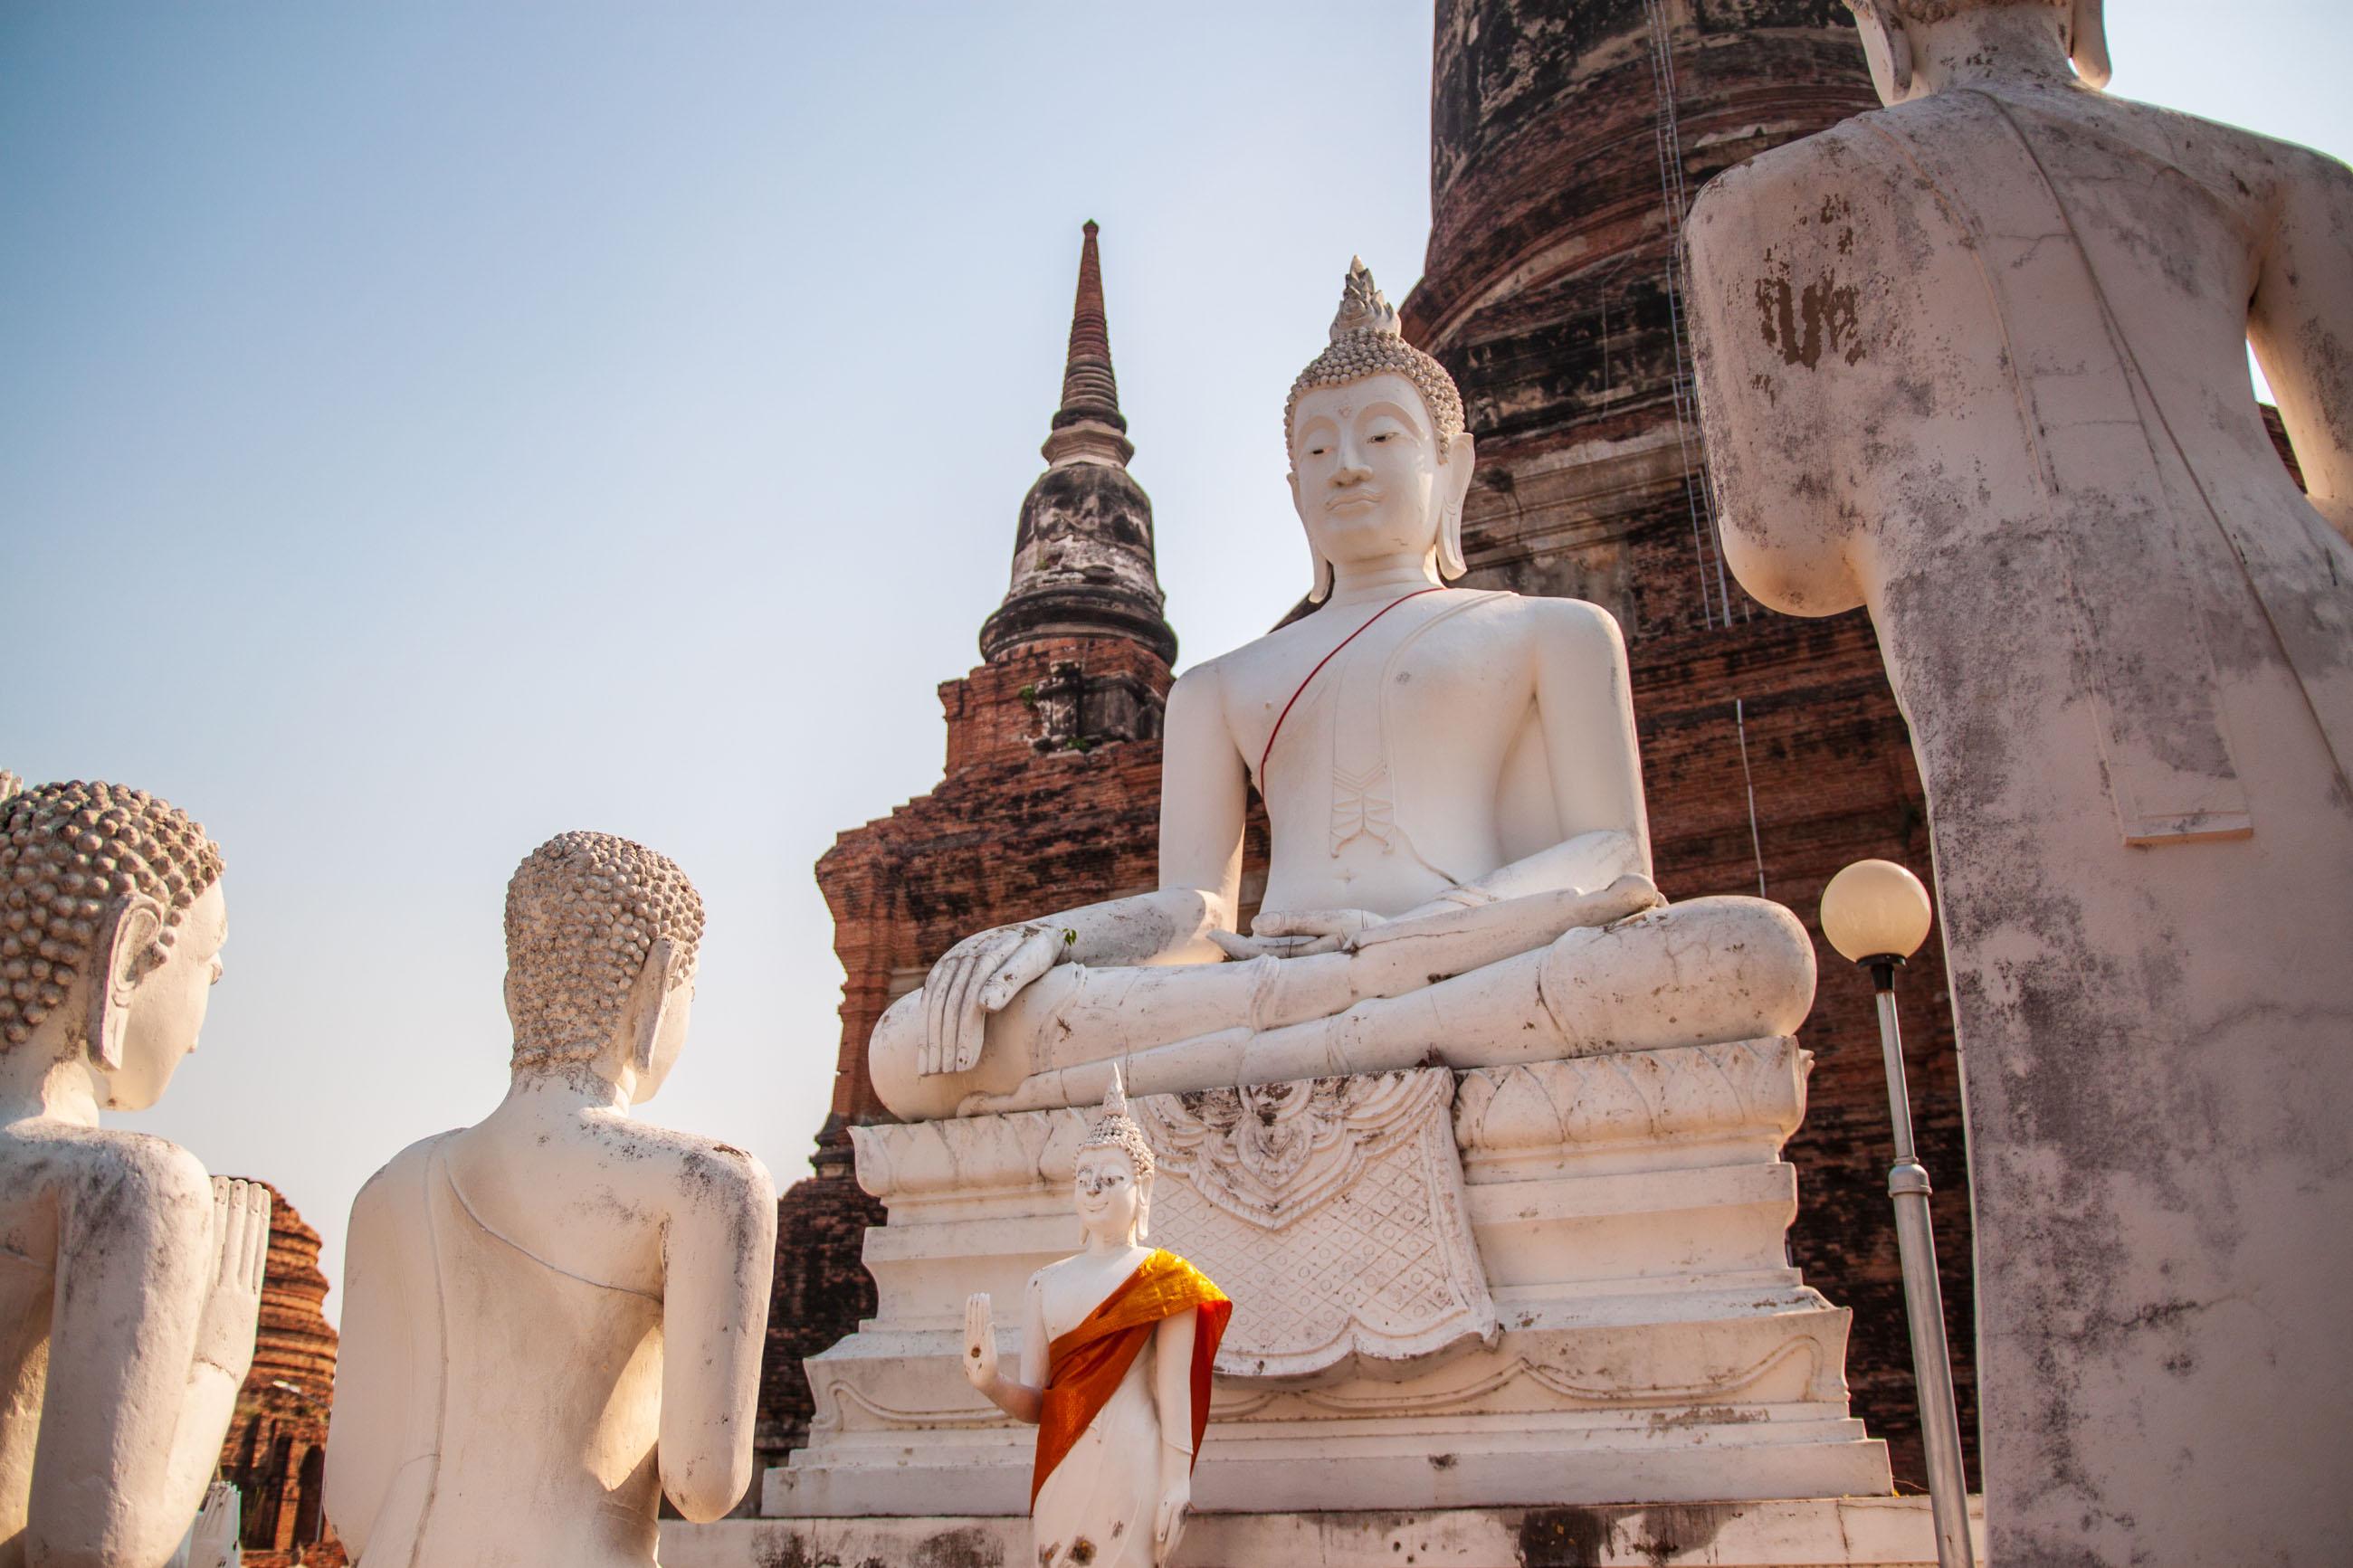 https://bubo.sk/uploads/galleries/7404/zuzkahabekova_thajsko_ayutthaya_img_1557.jpg